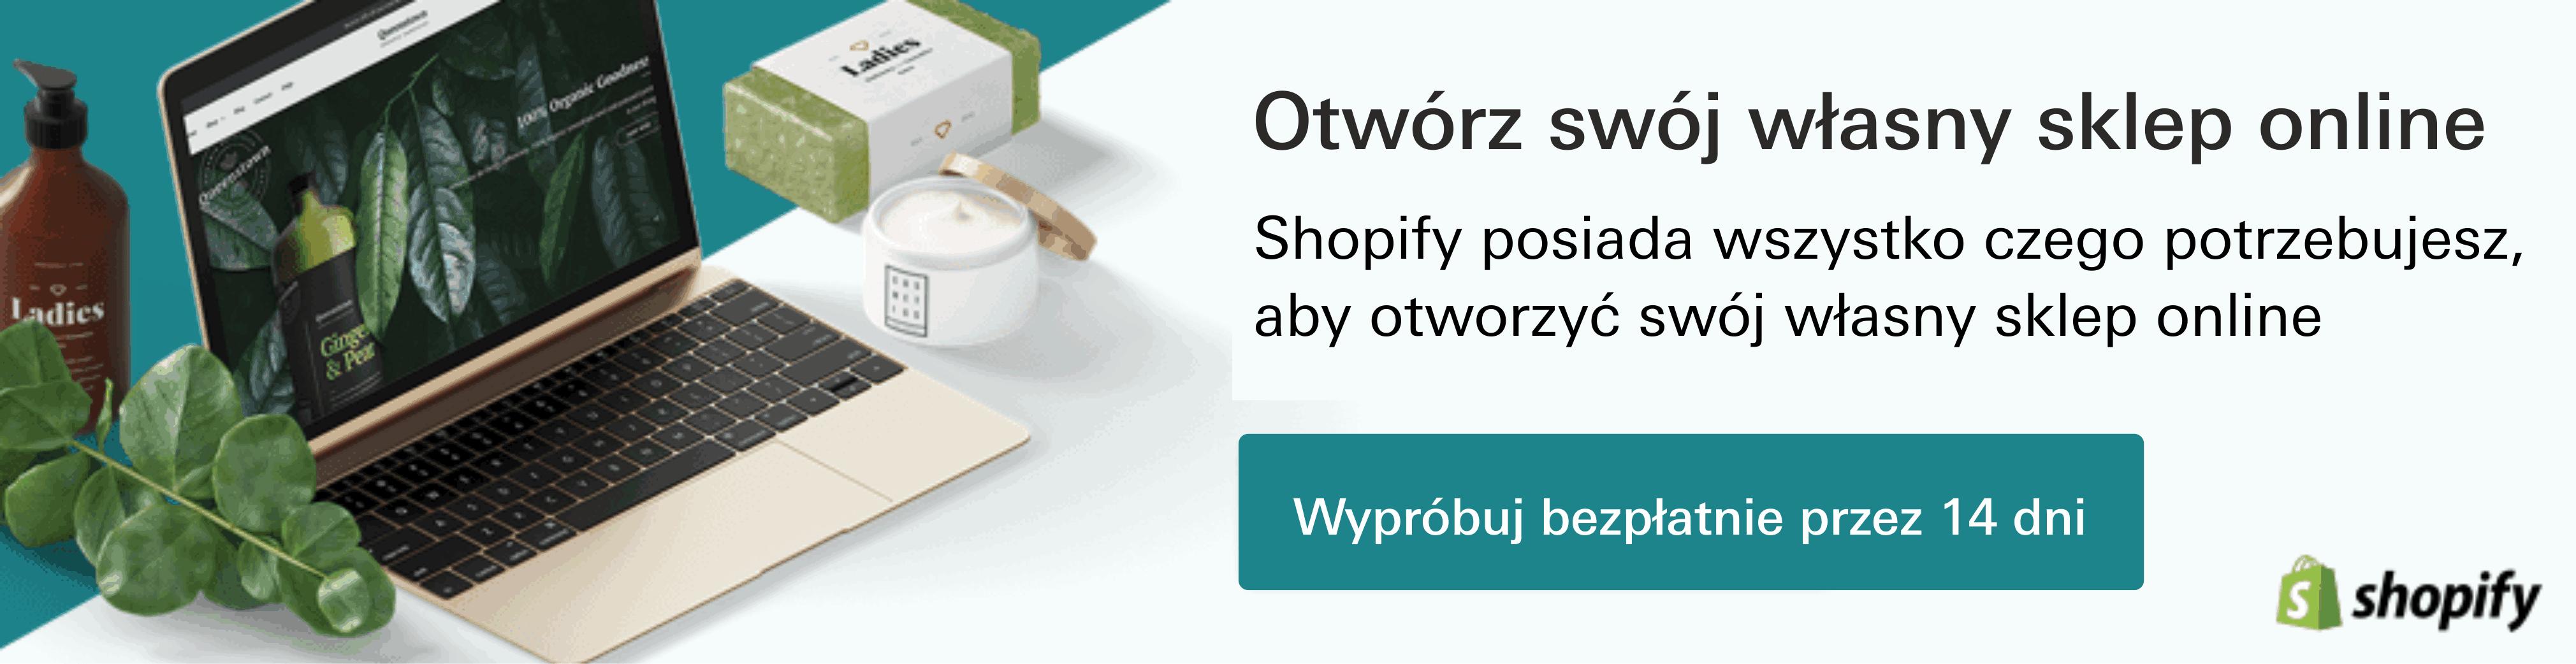 Polska-Shopify